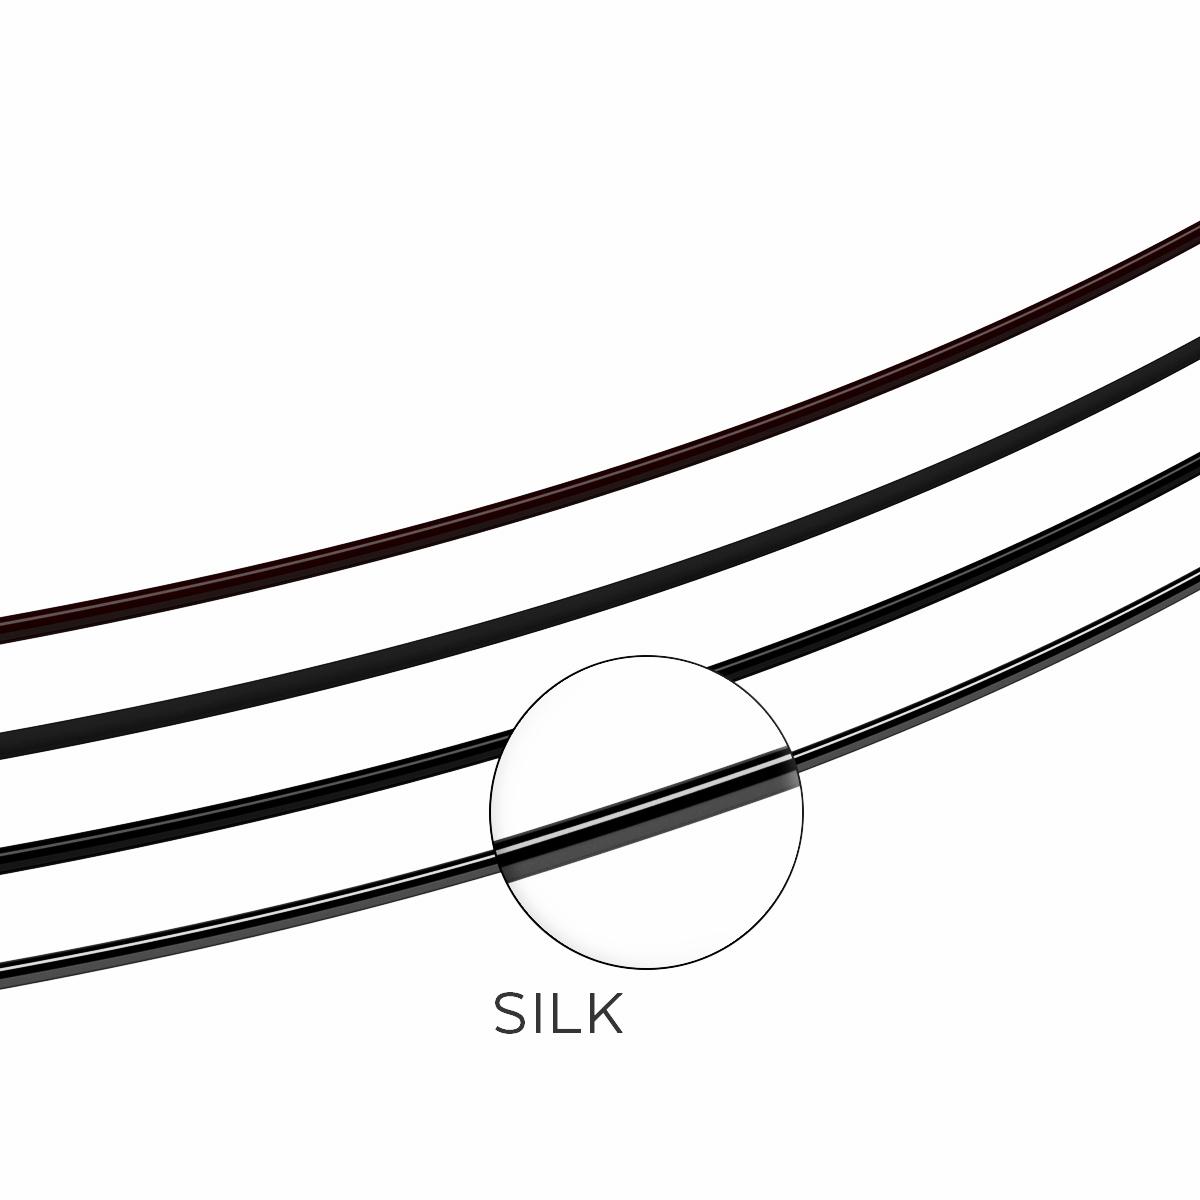 rzesy-silk-black-b-0-15